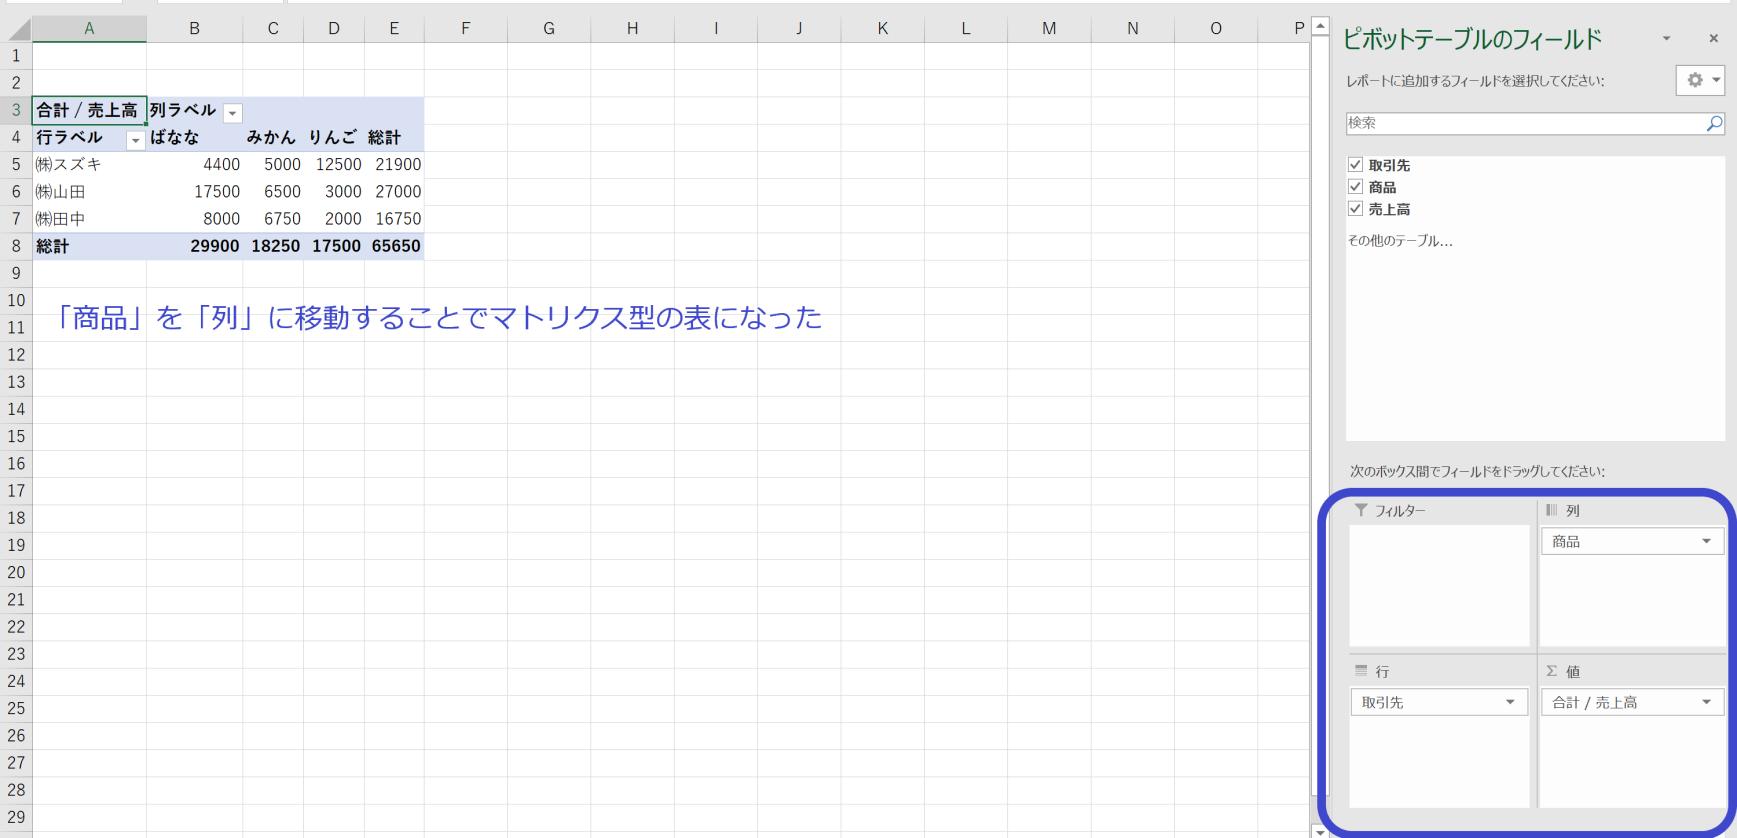 表のレイアウトを変更した例